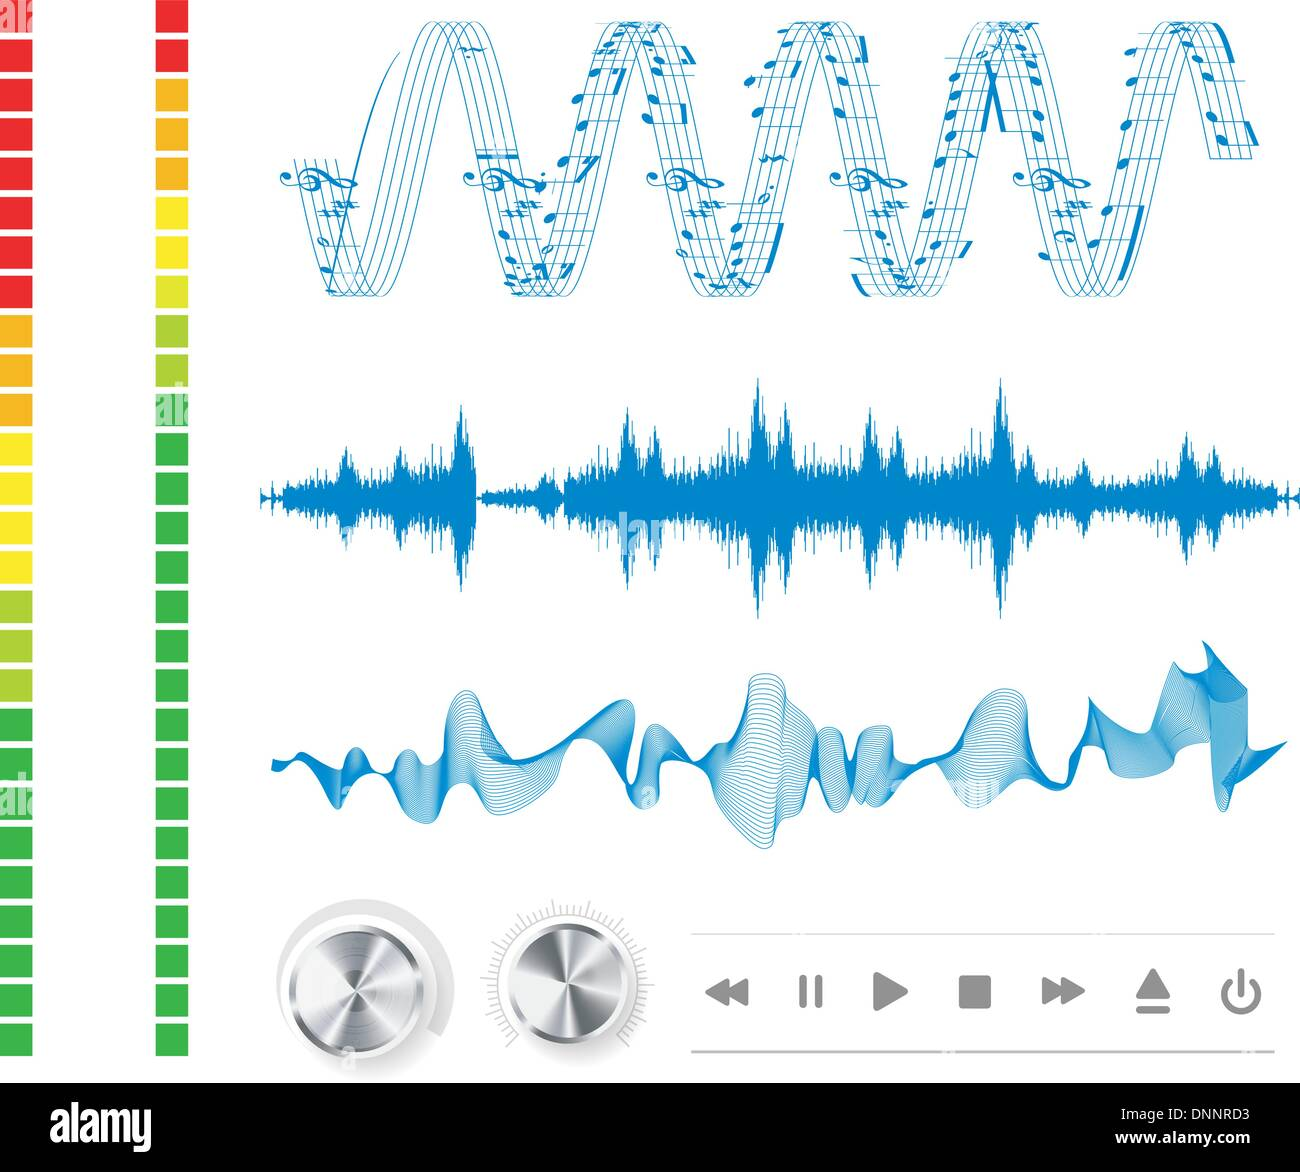 Notas, botones y ondas de sonido. La música de fondo. Imagen De Stock